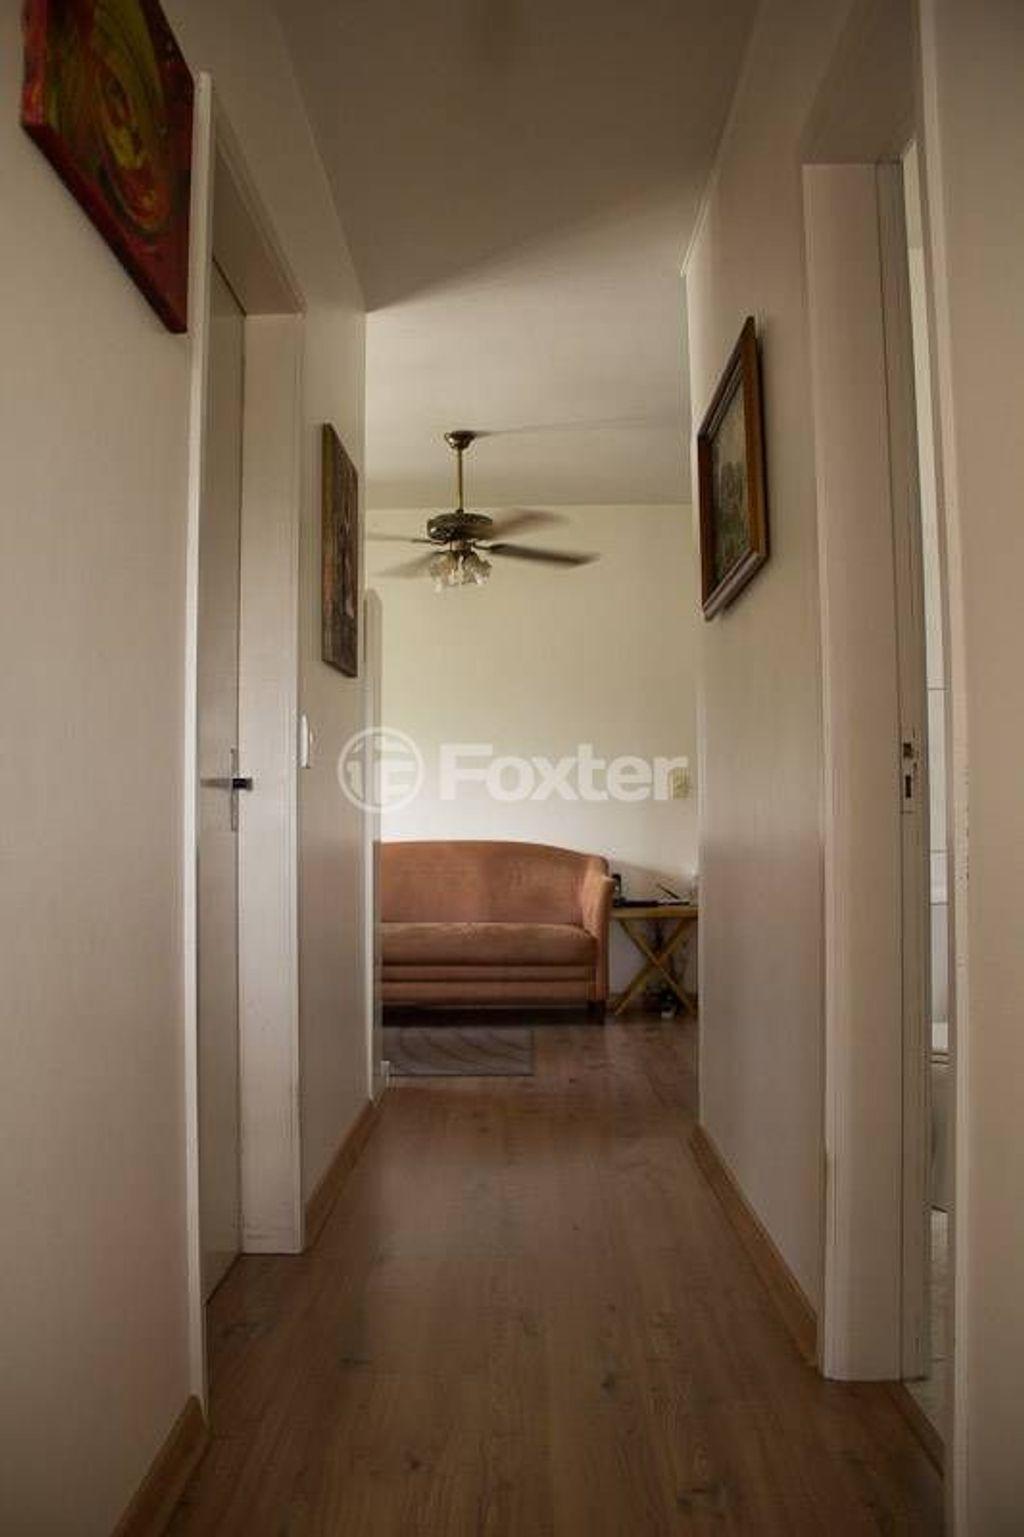 Foxter Imobiliária - Apto 3 Dorm, Camaquã (116966) - Foto 3